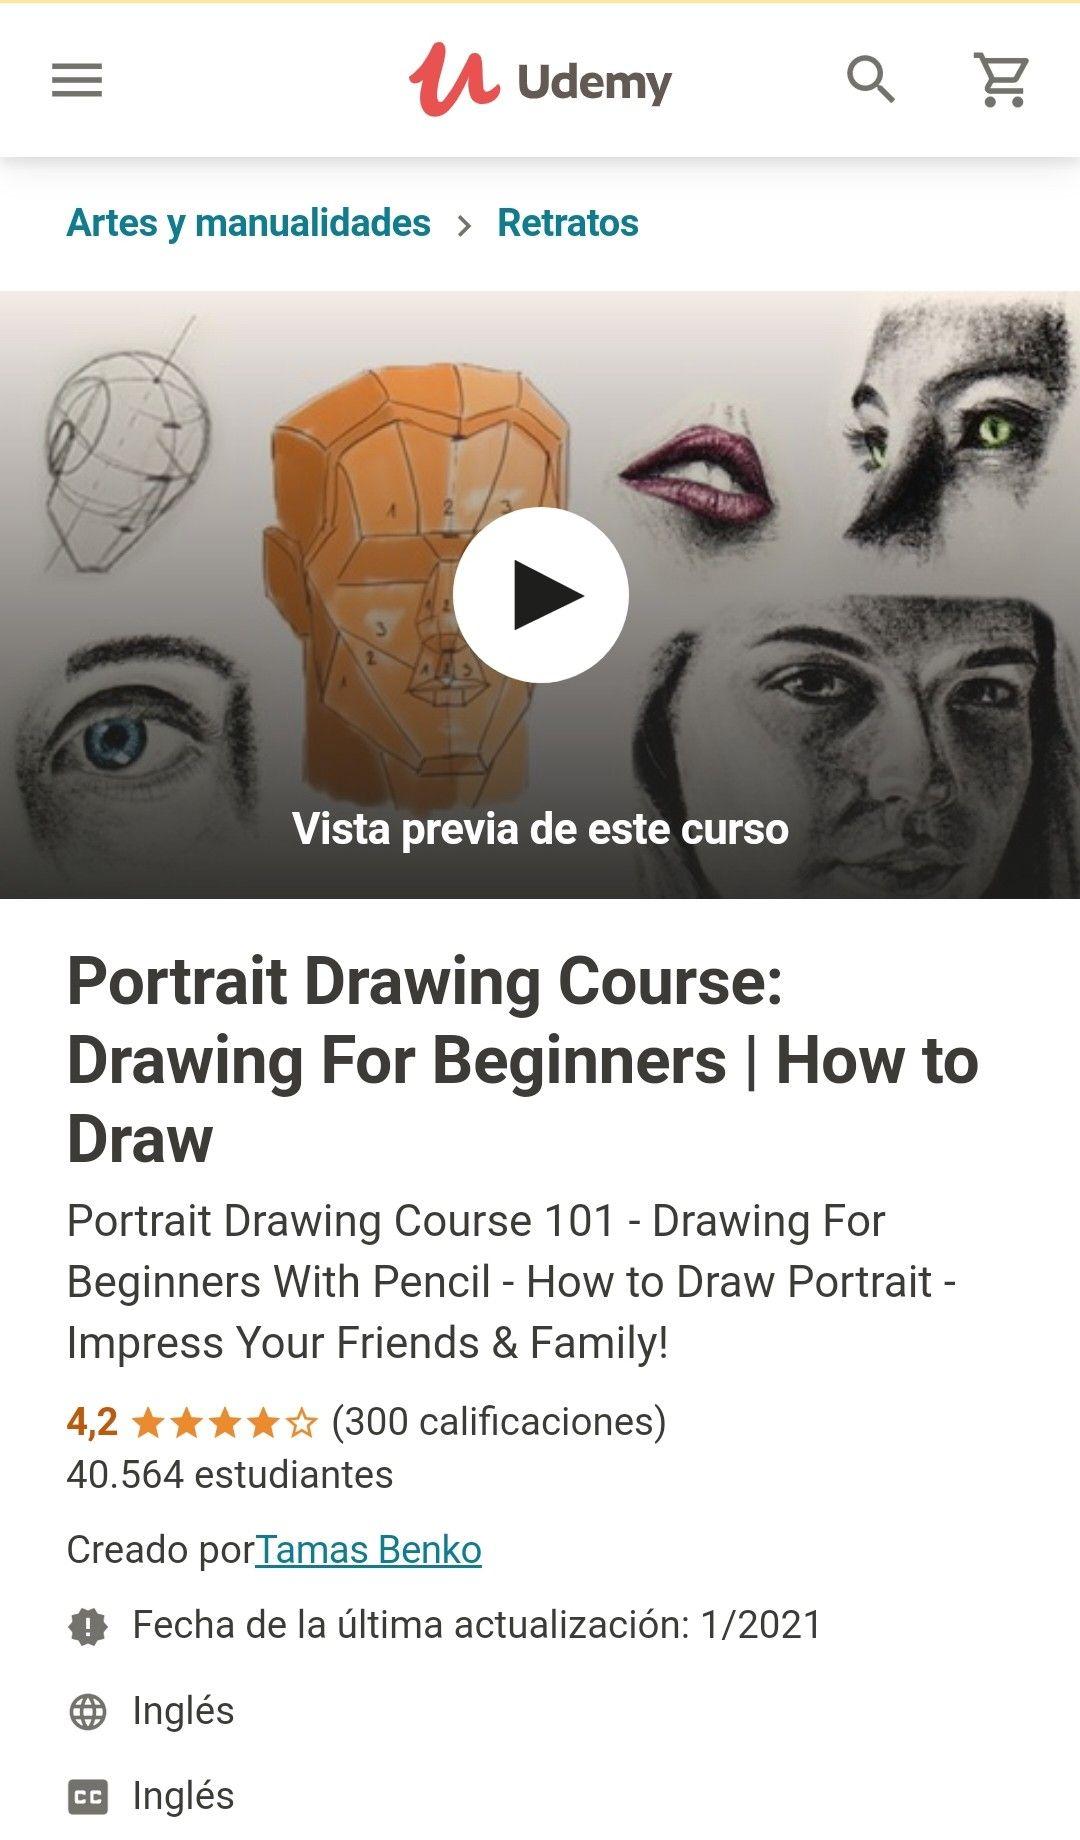 Udemy: Curso de dibujo de retrato: dibujo para principiantes | Como dibujar (Ingles)